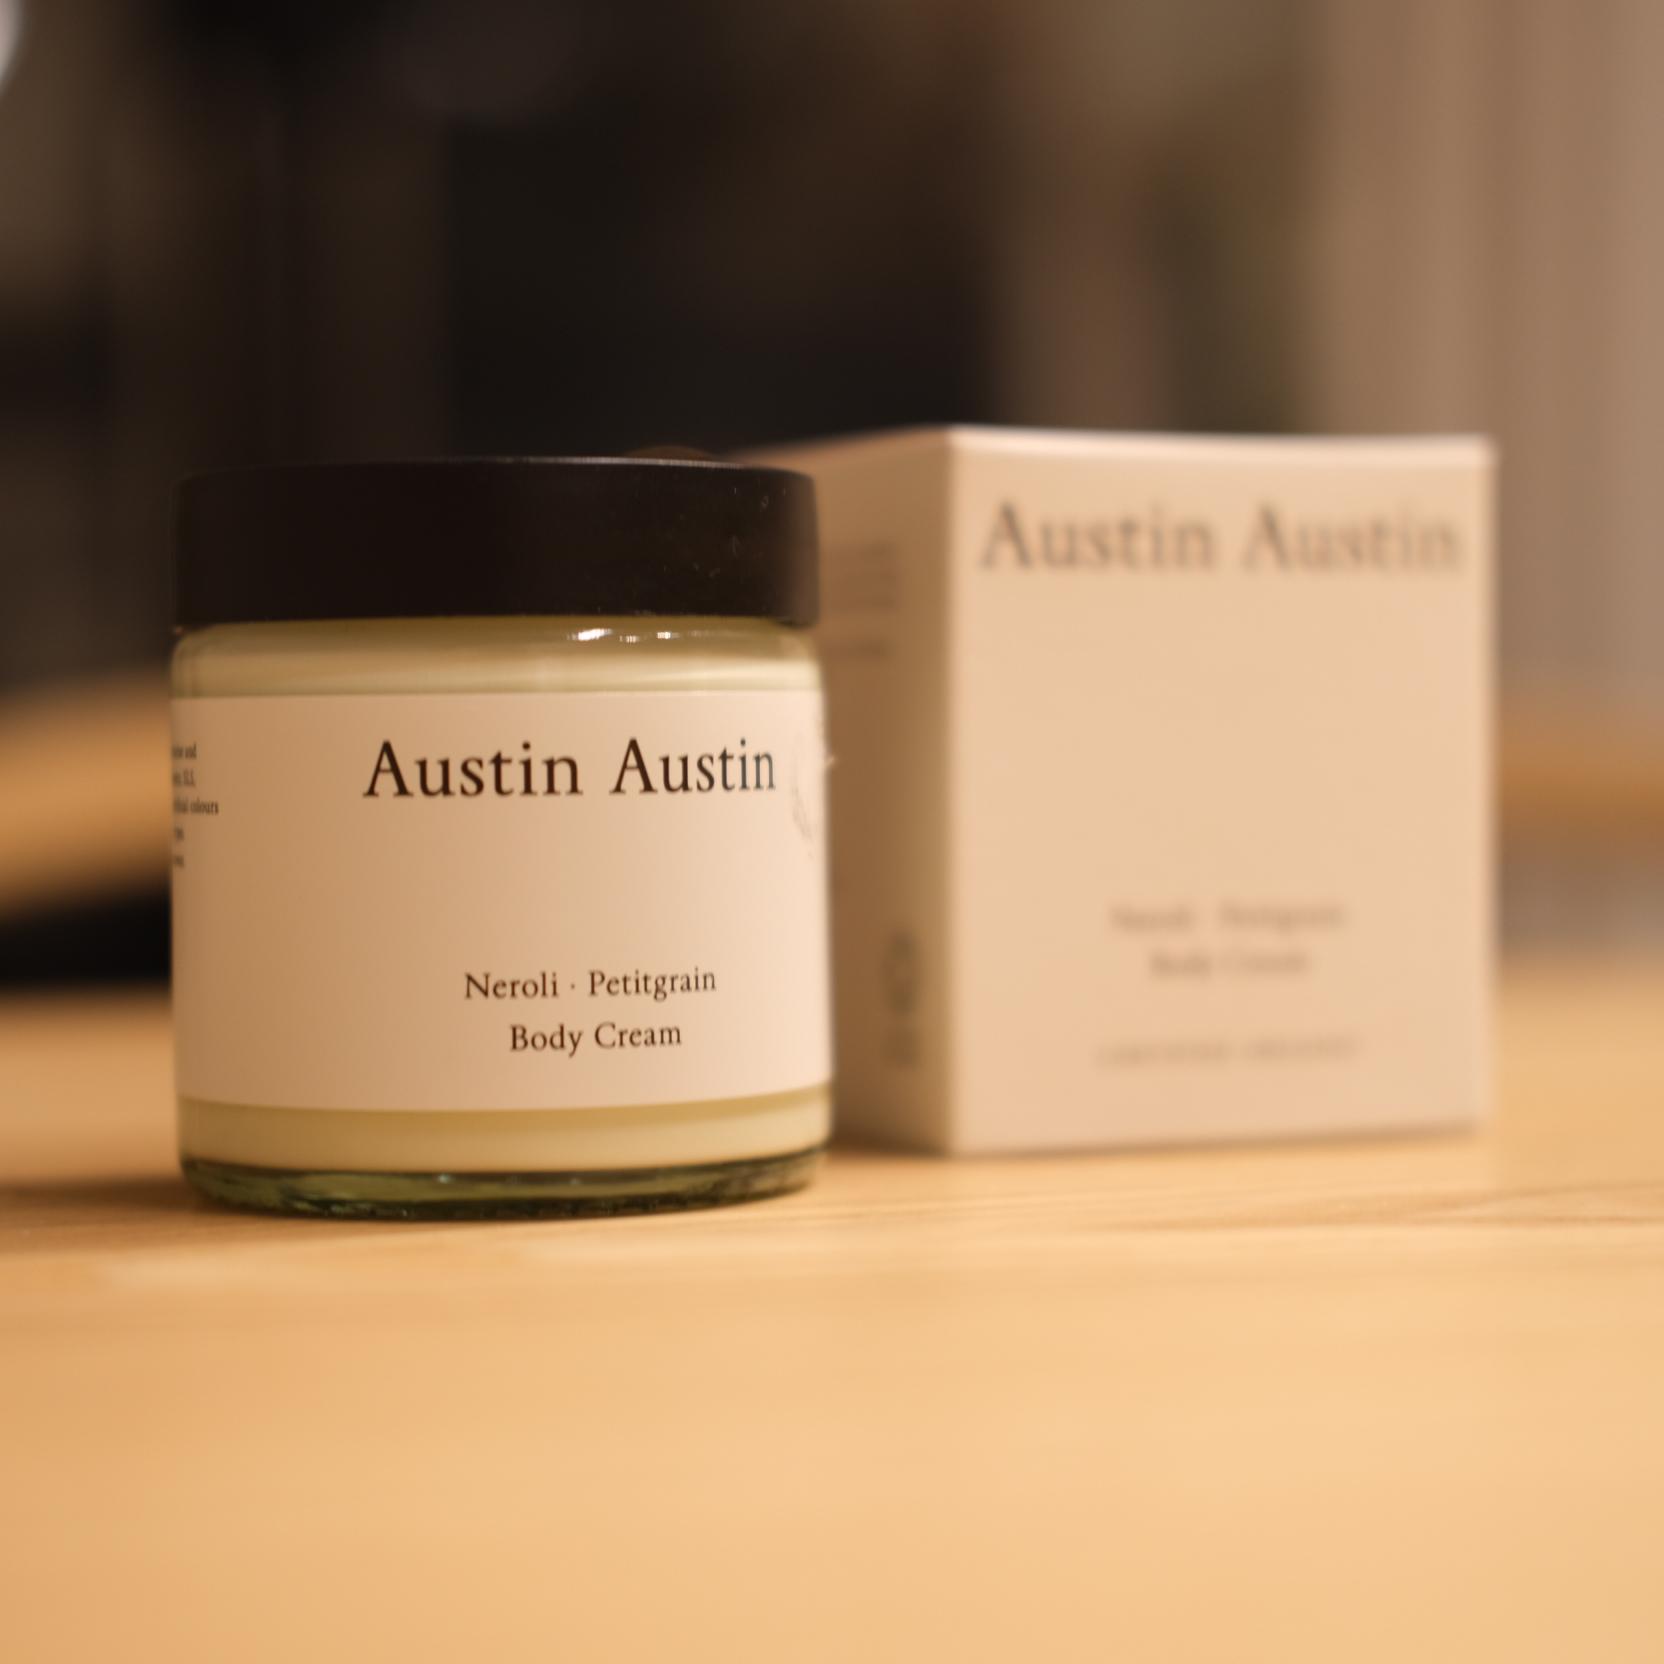 Austin Austin ボディクリーム